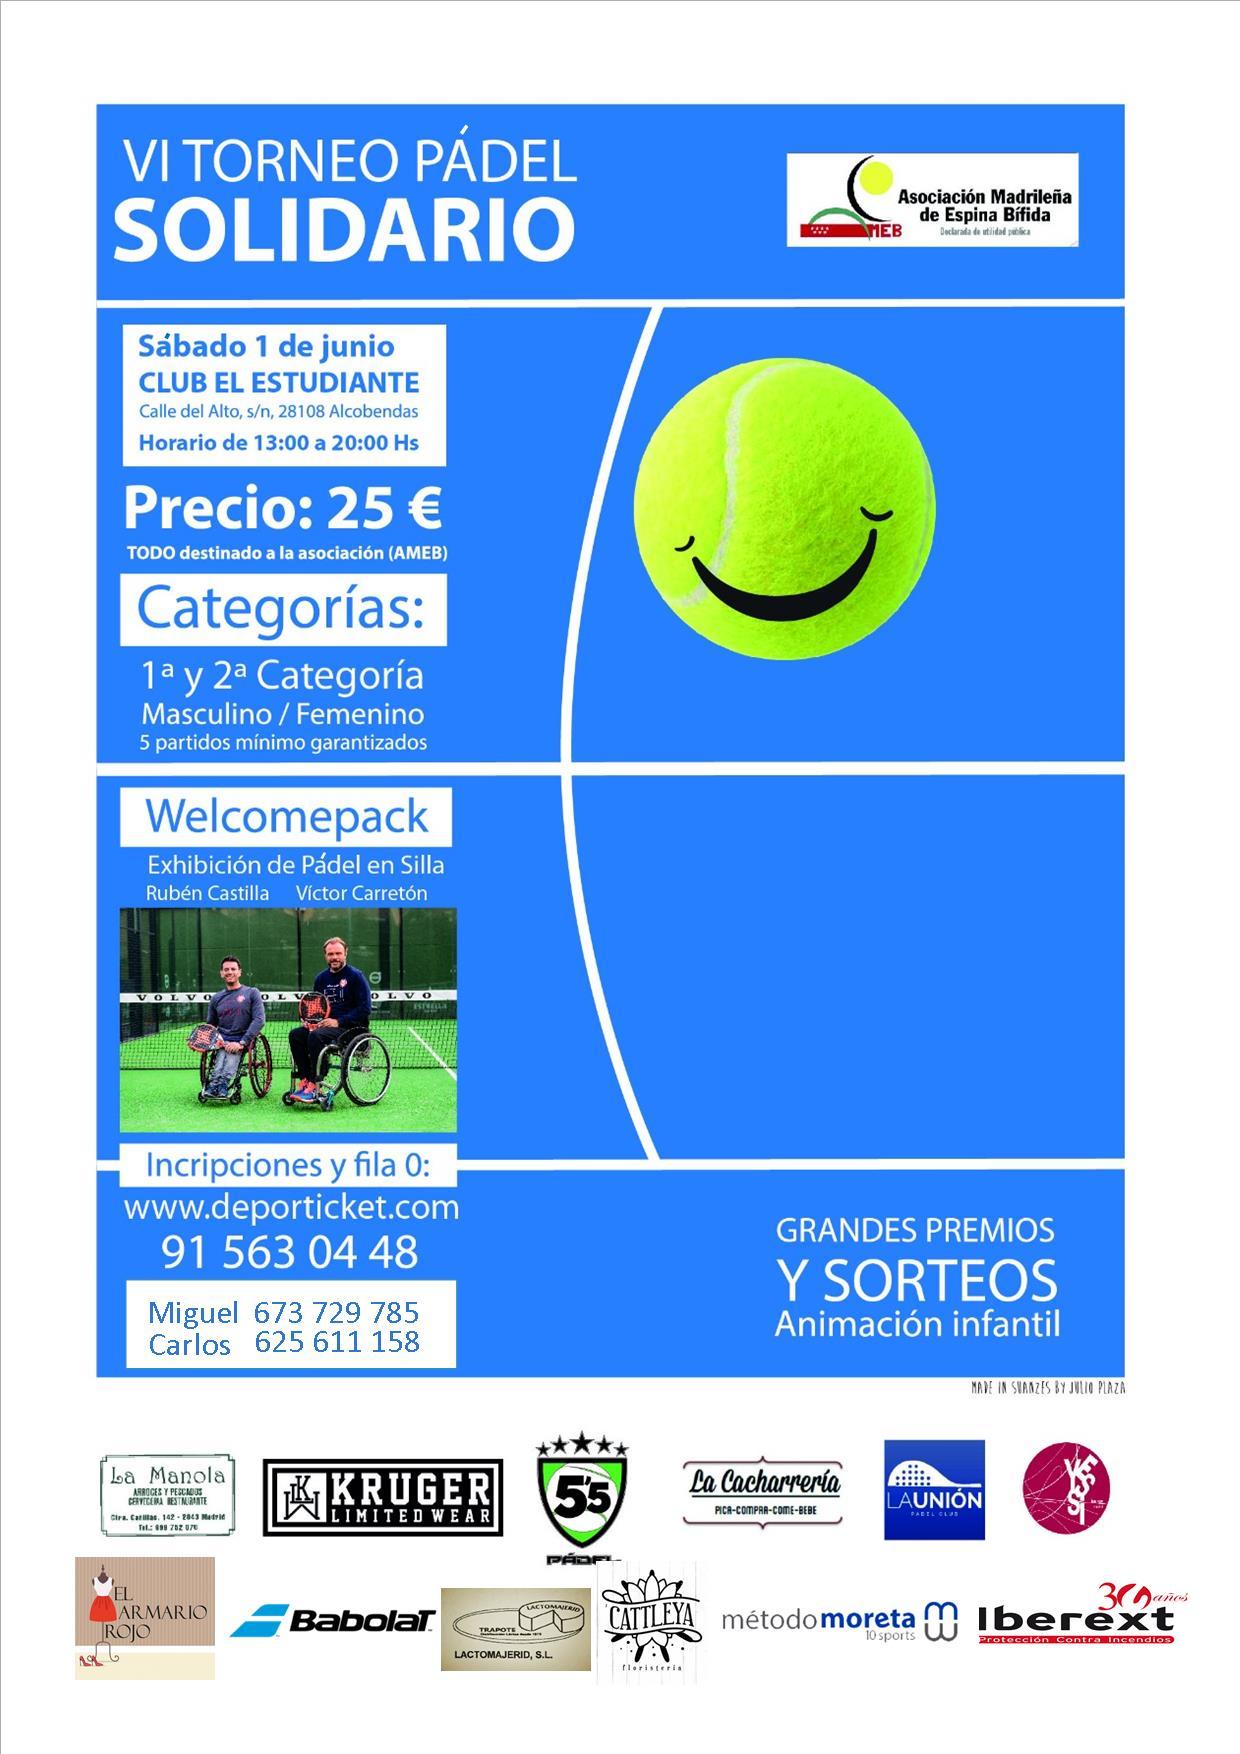 VI Torneo de Pádel Solidario a Favor de AMEB